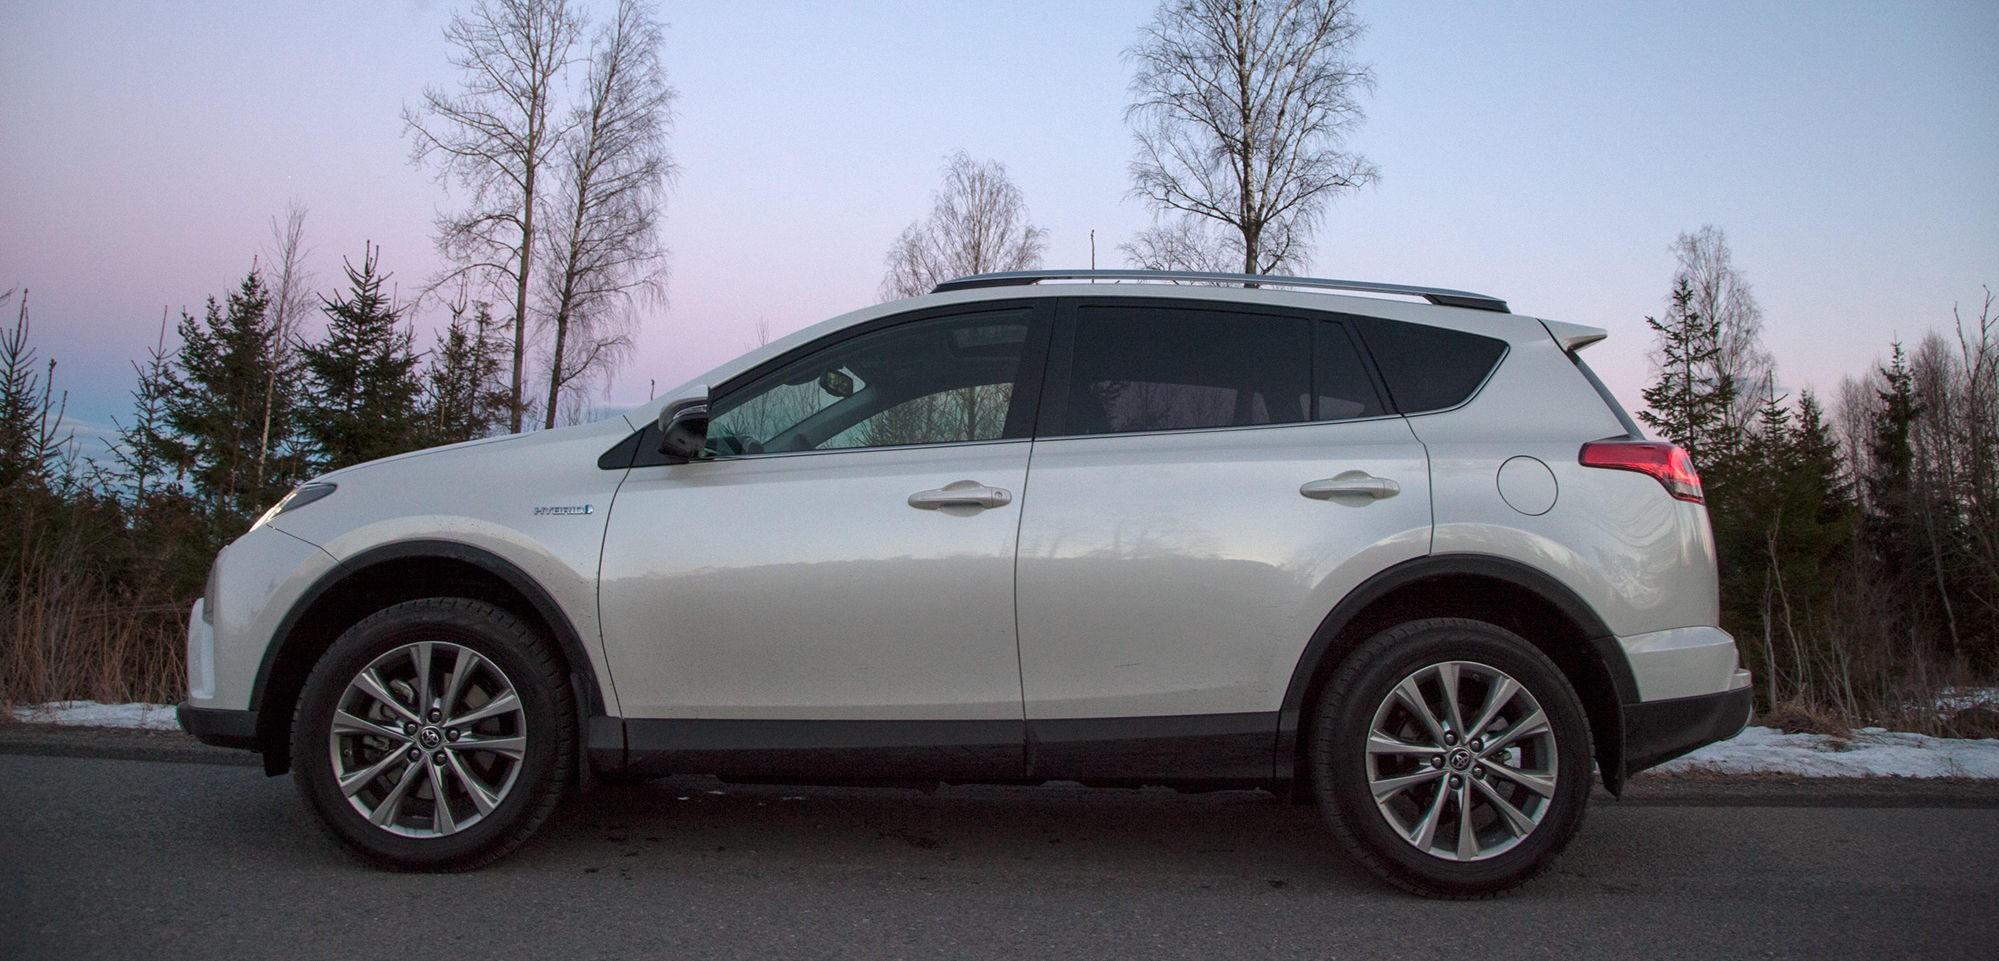 RAV4 har vært en stor suksess for Toyota i mange år. Her hjemme har den lenge vært en av de mest solgte SUV-ene.